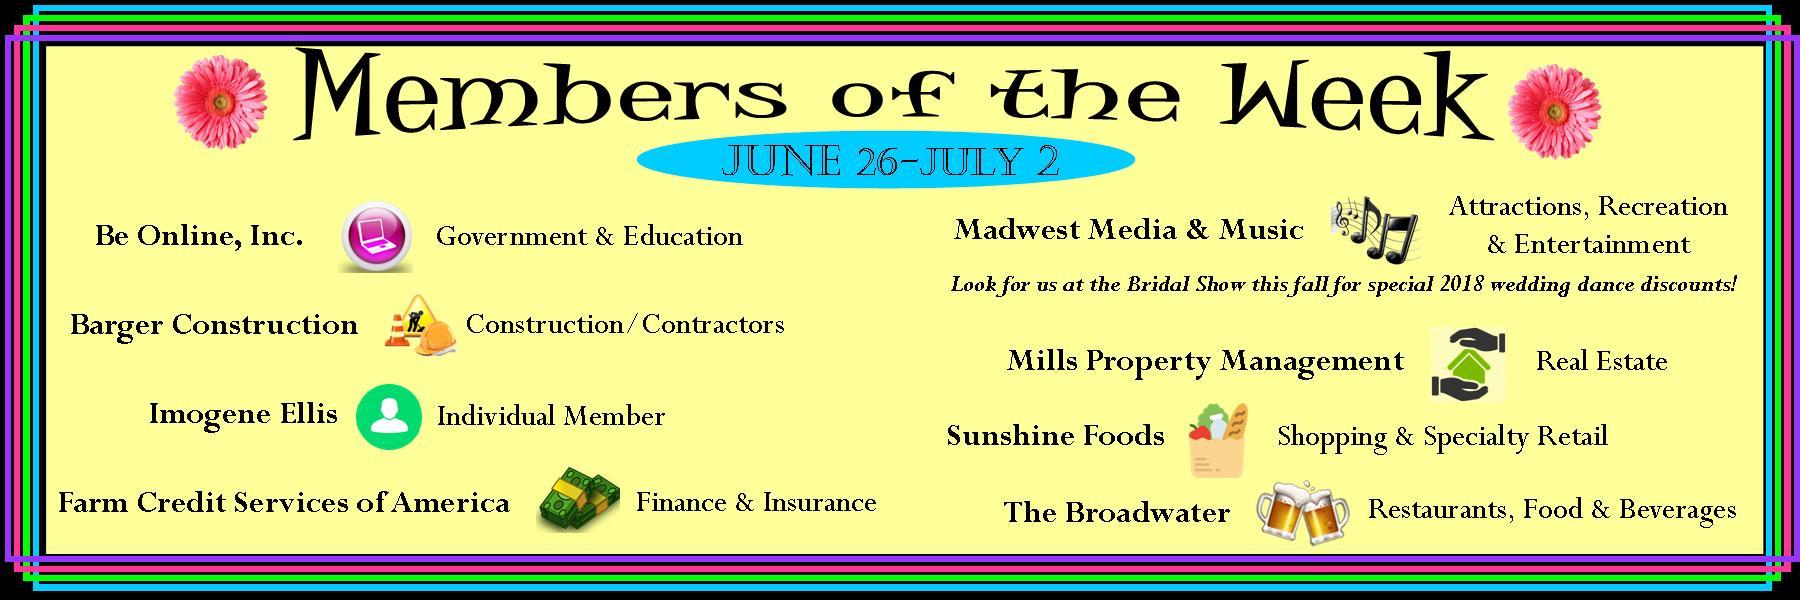 Member-of-the-Week-June-26.jpg